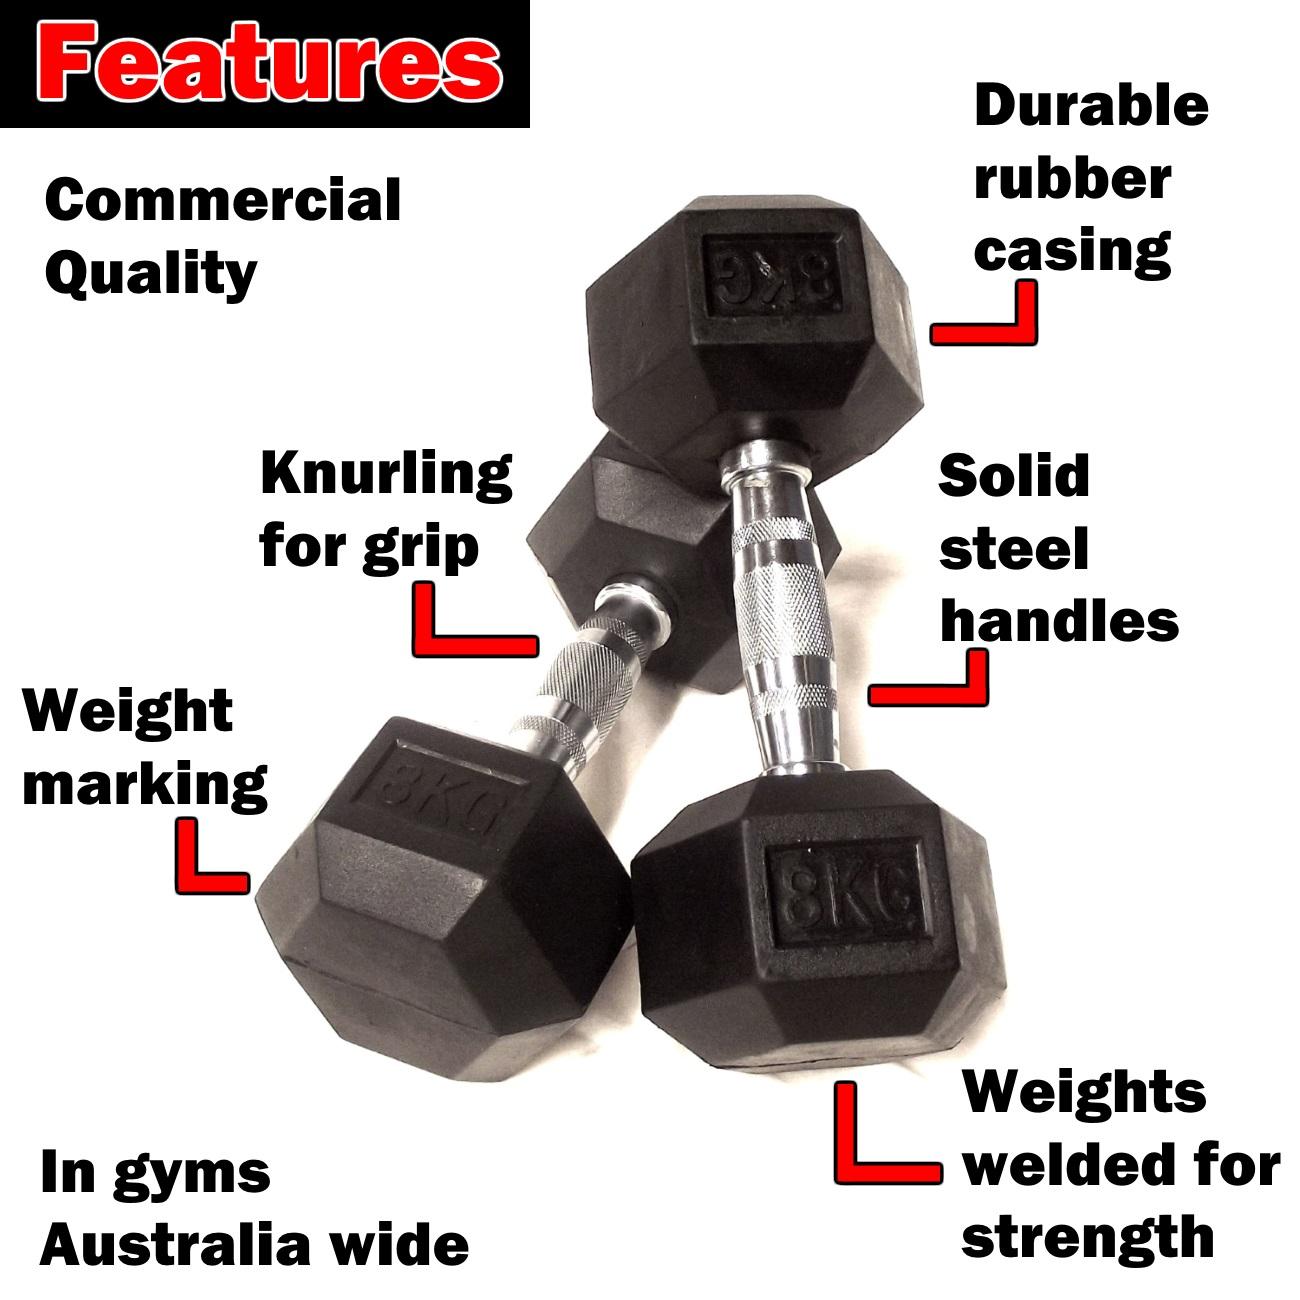 8kg rubber hex dumbbells